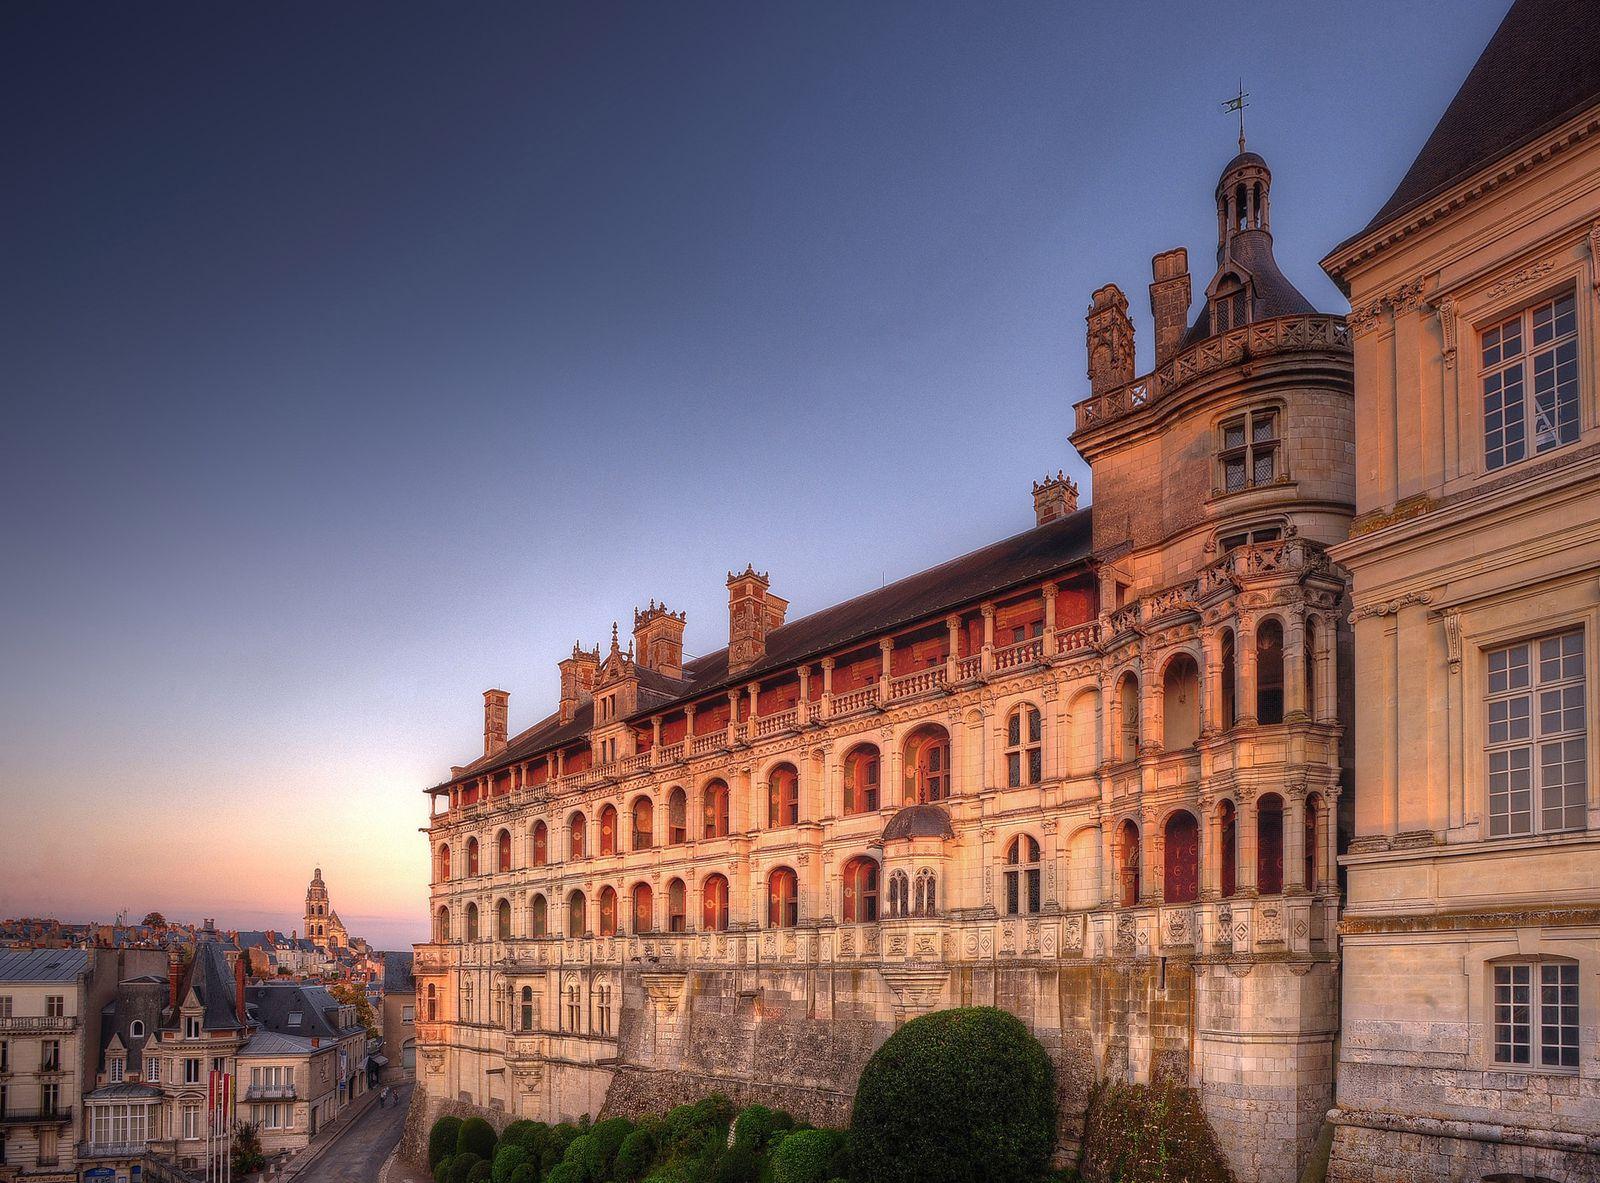 Château de Blois (41000 Blois, France)